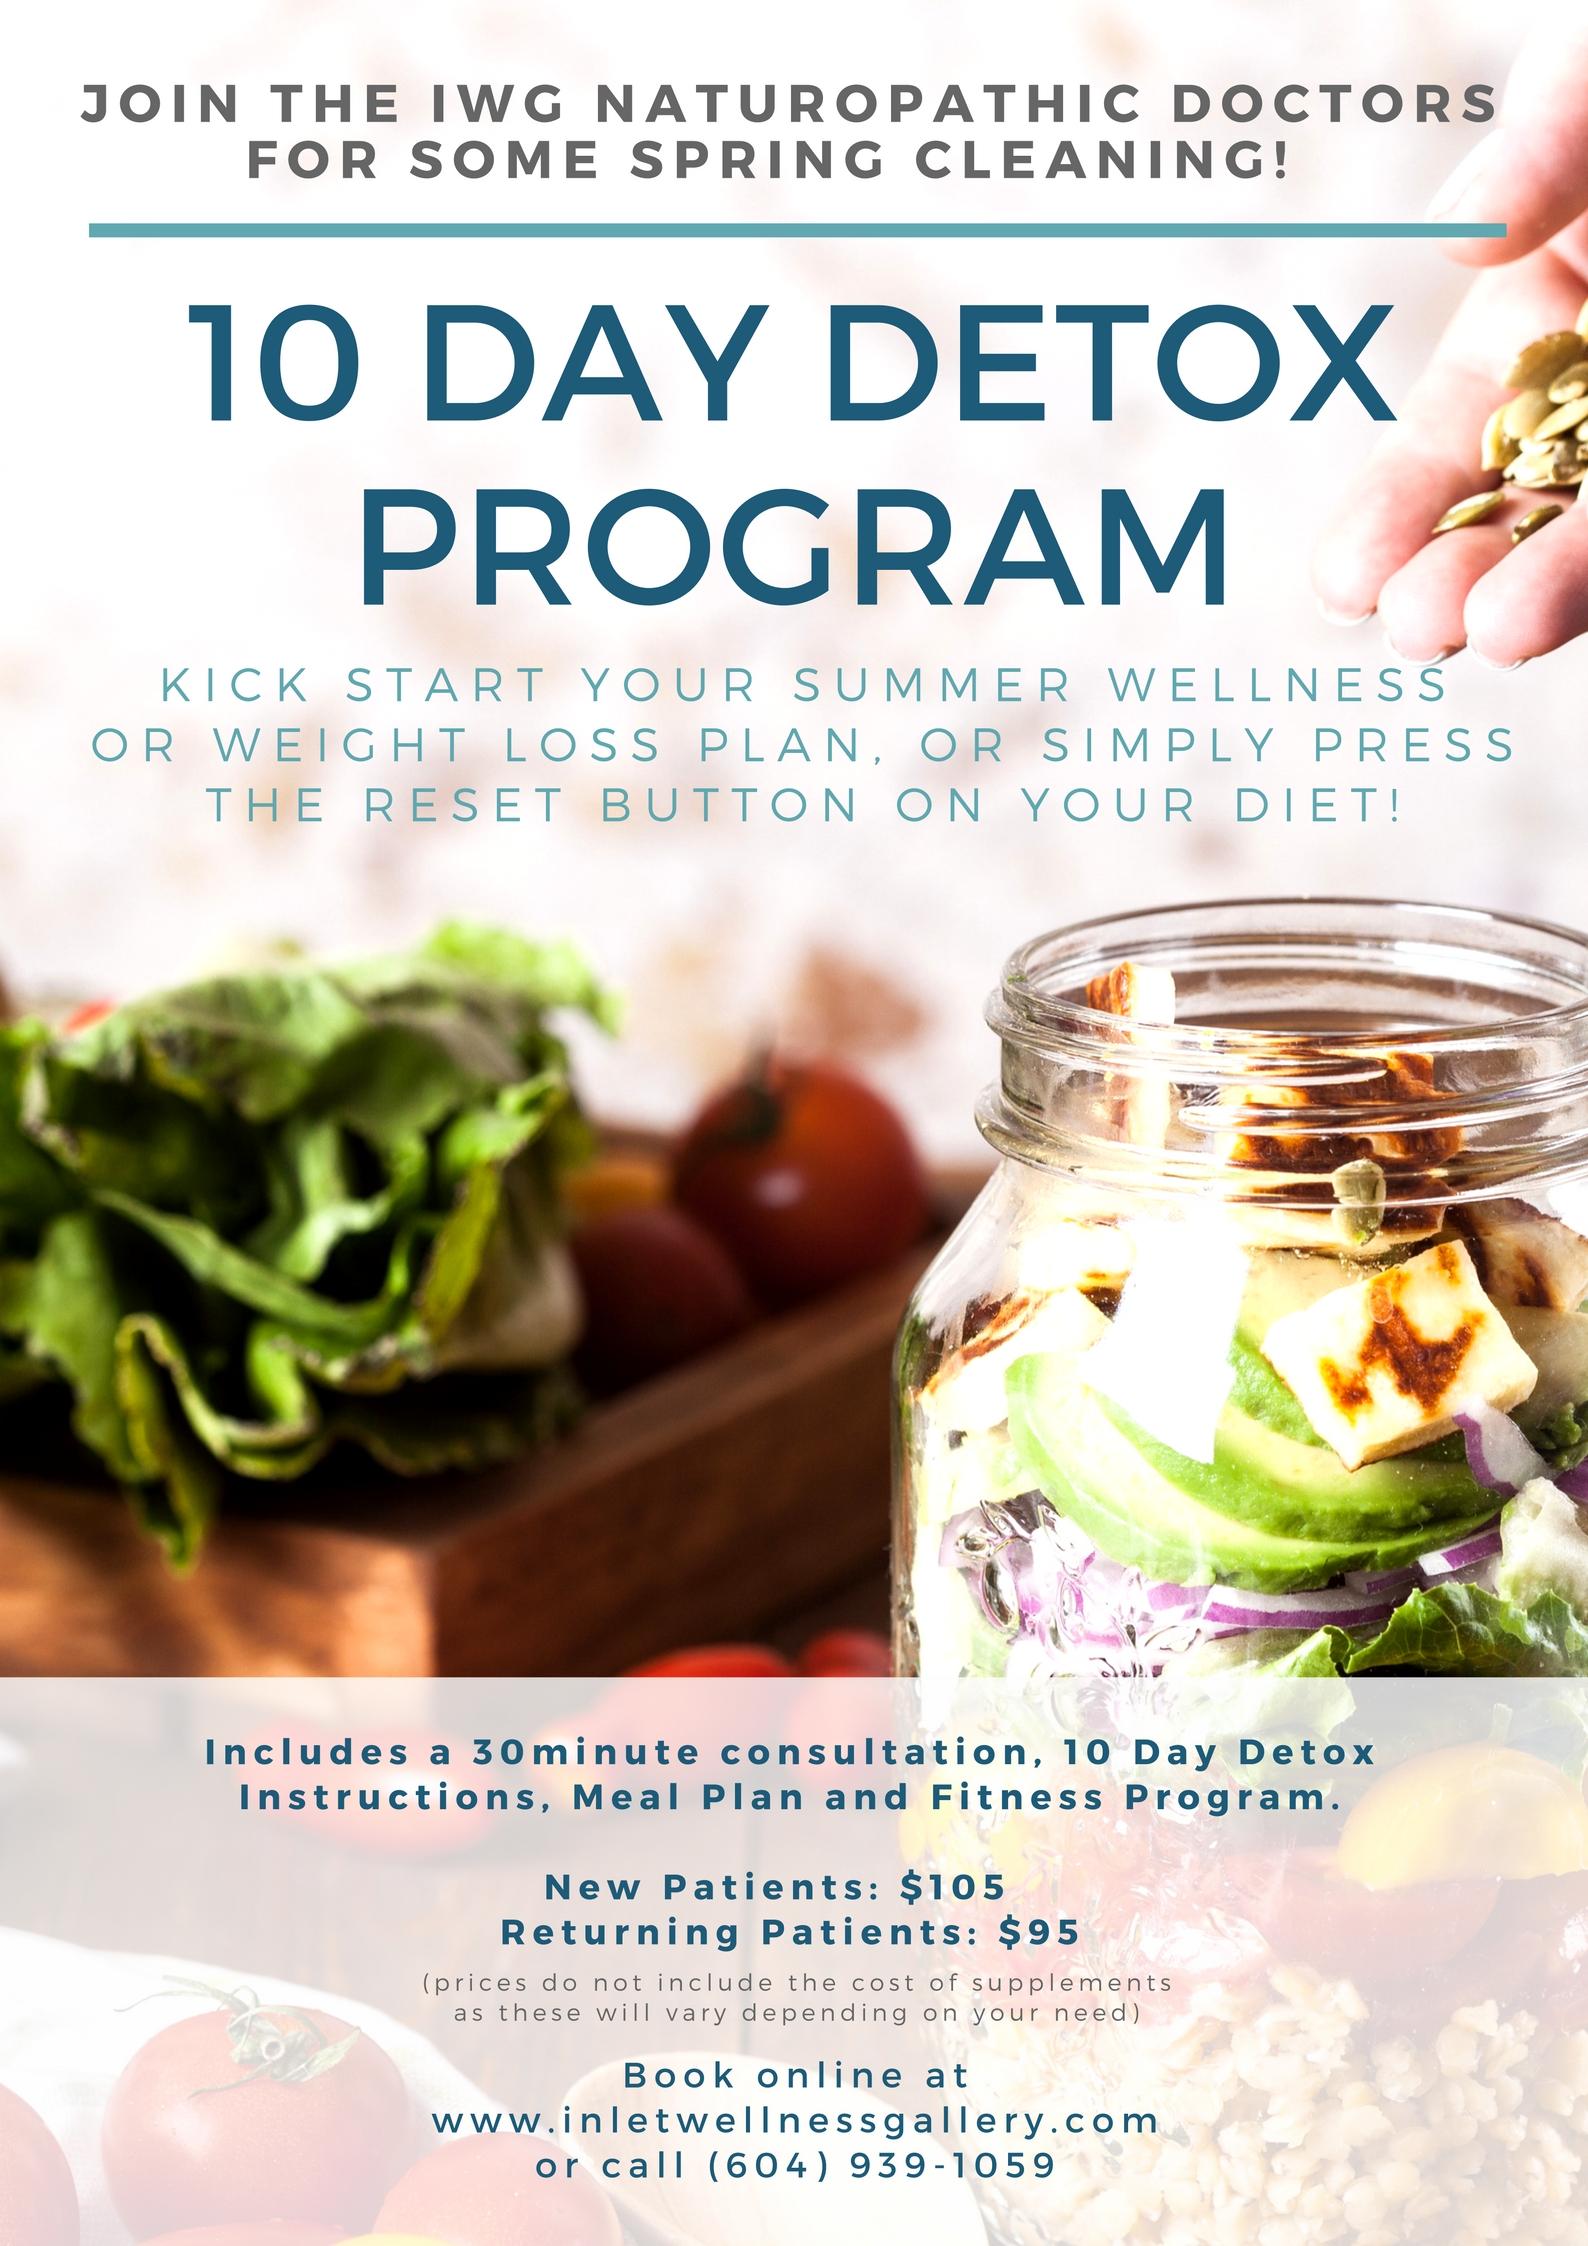 10 Day Detox details